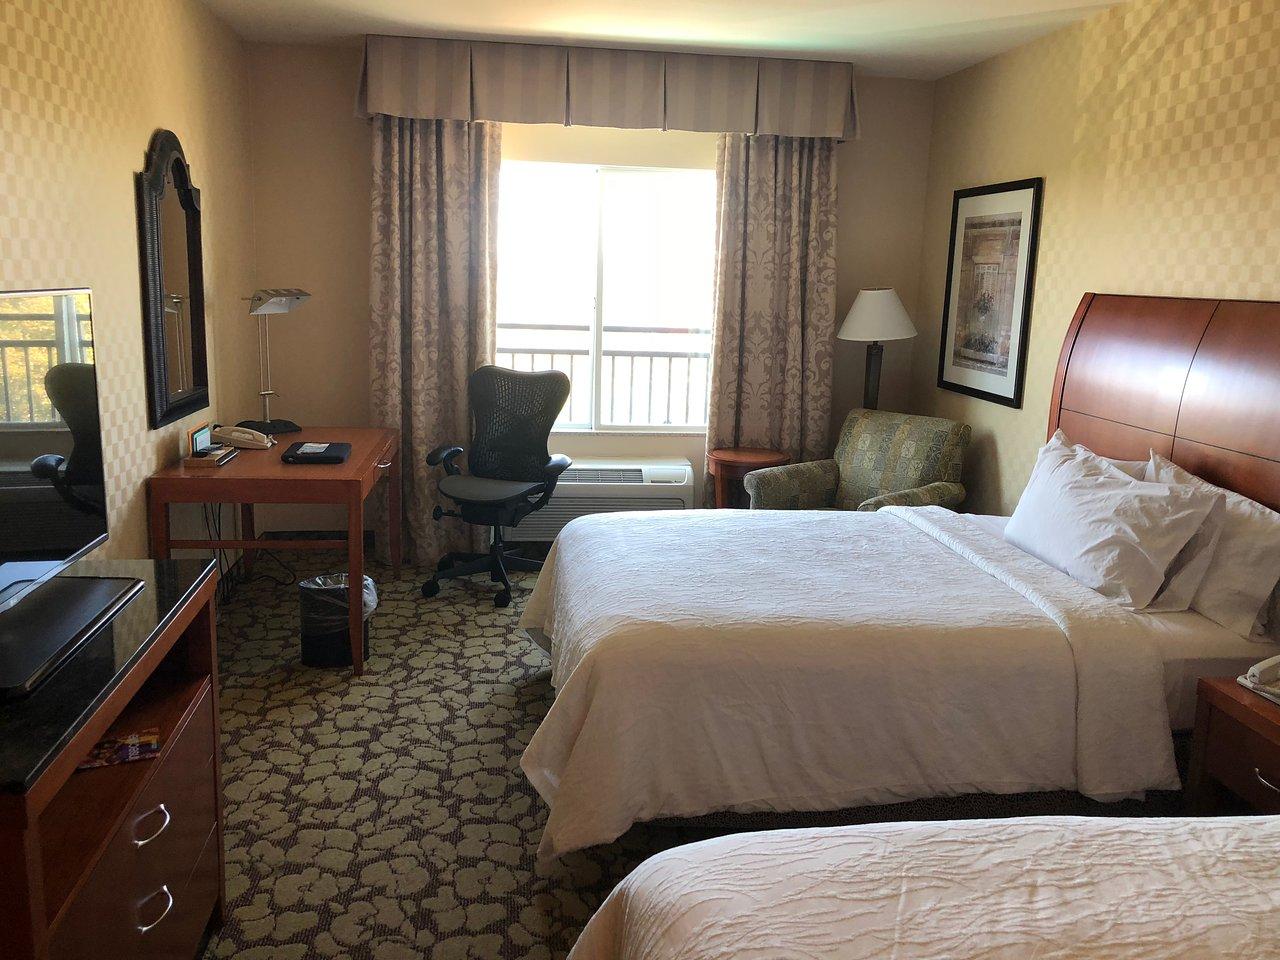 hilton garden inn sacramento elk grove 137 151 updated 2018 prices hotel reviews ca tripadvisor - Hilton Garden Inn Sacramento